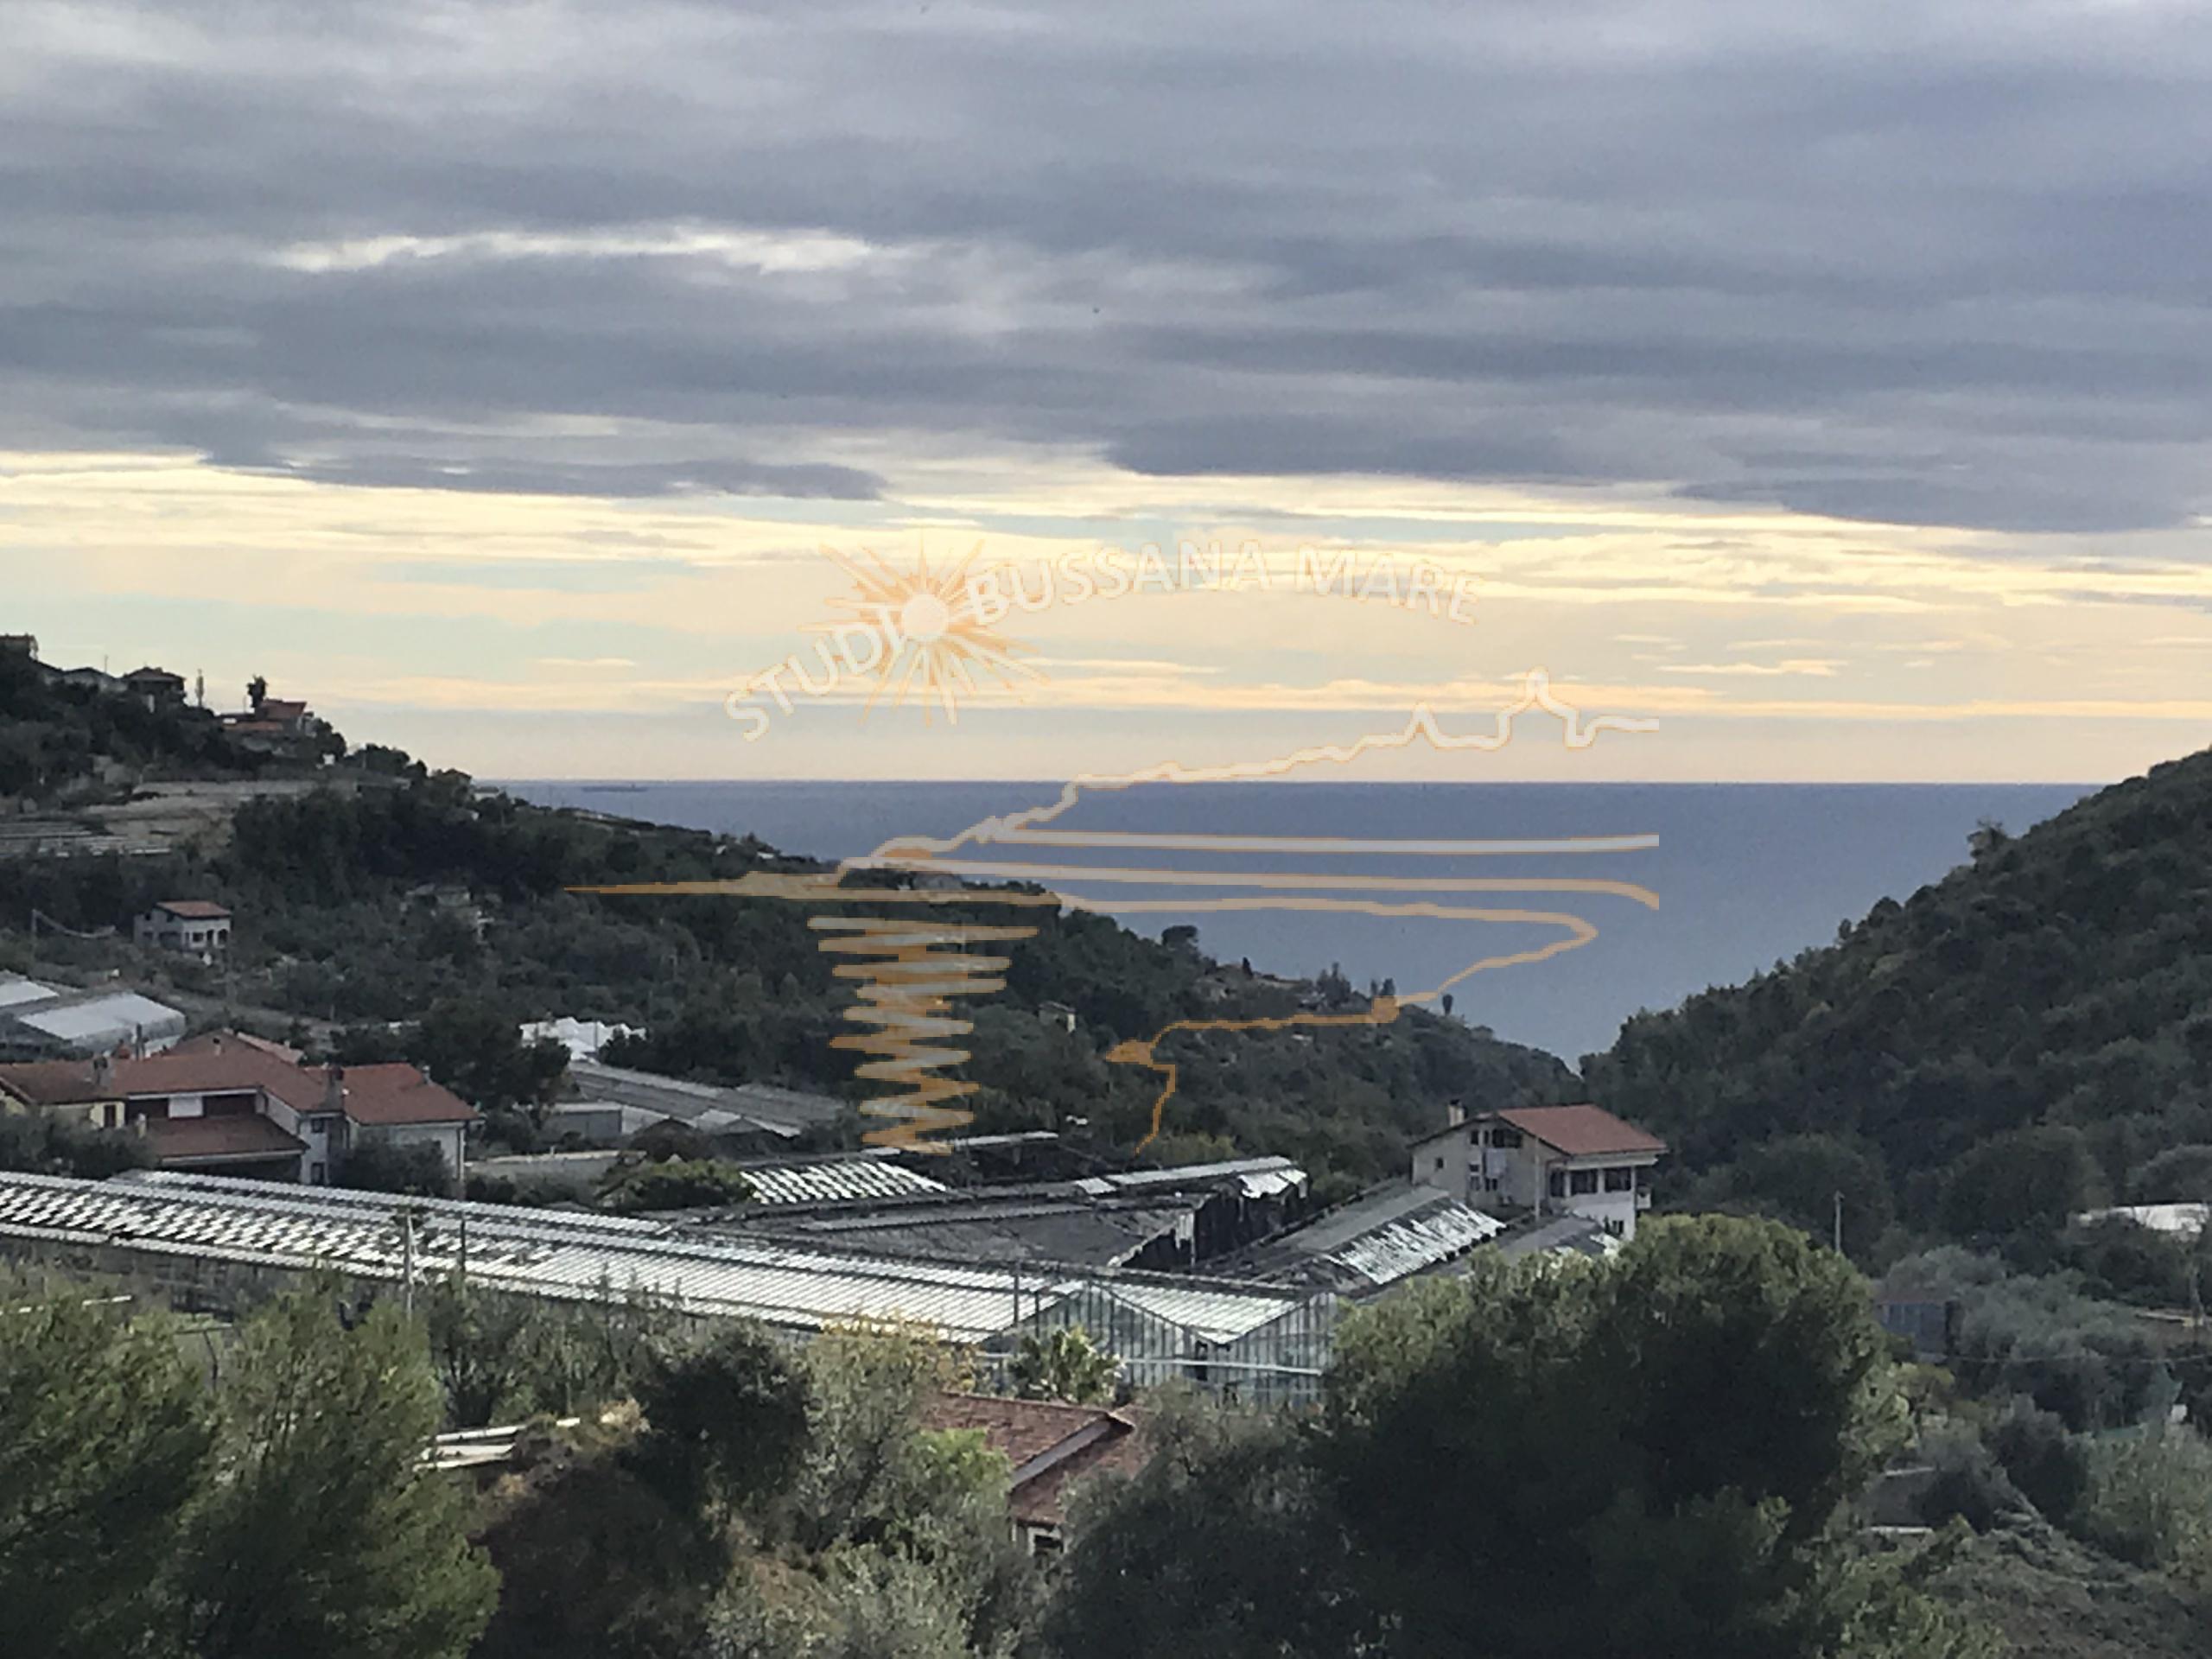 Semindipendente - Sanremo